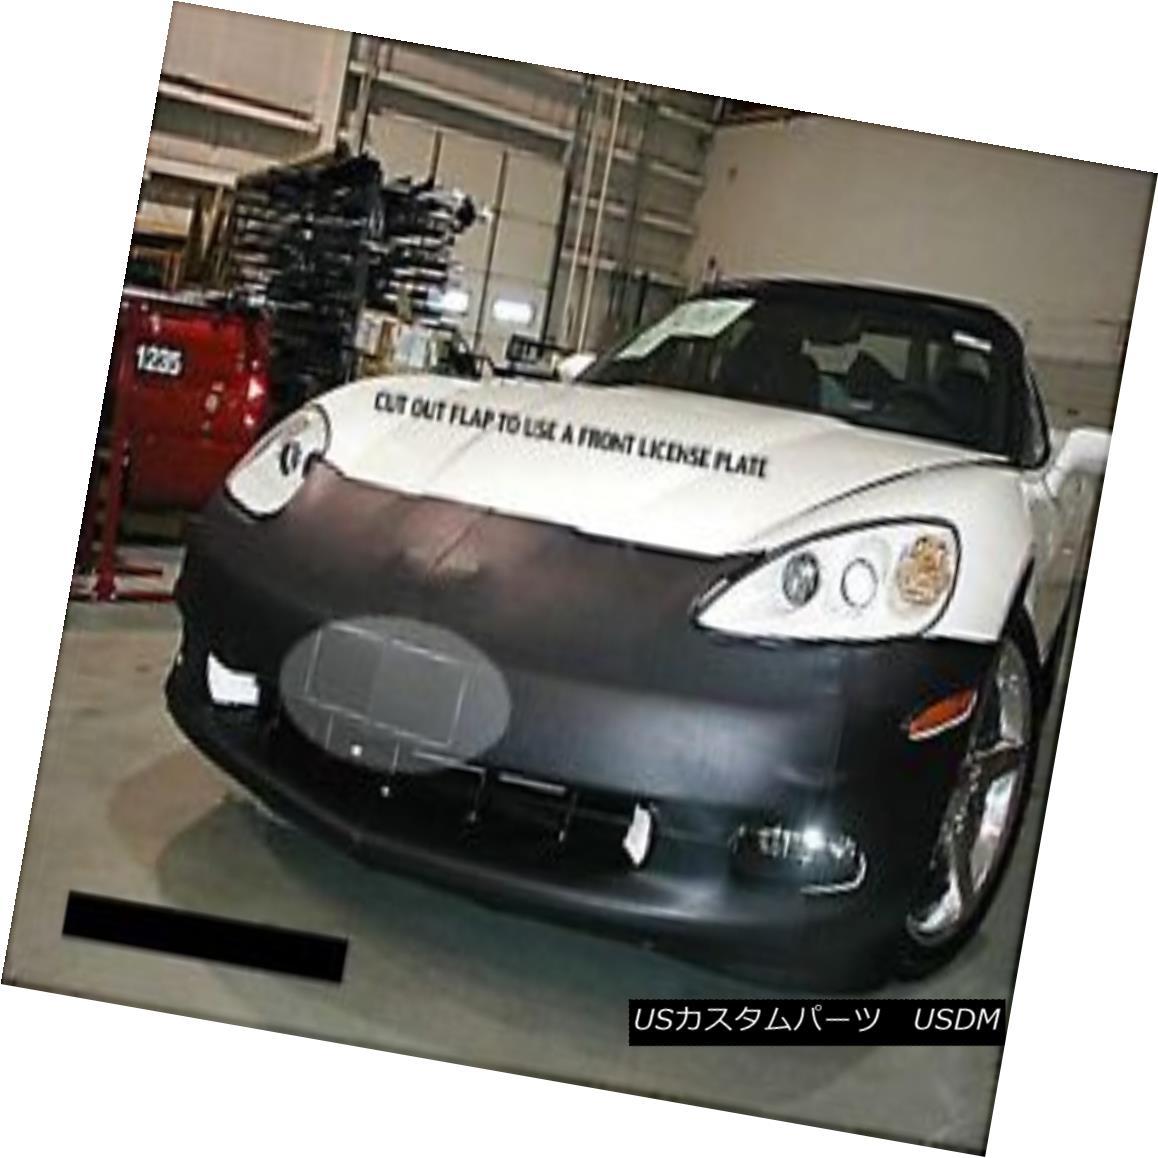 フルブラ ノーズブラ Lebra Front End Mask Cover Bra Fits Chevrolet Chevy Corvette 2005-2013 LebraフロントエンドマスクカバーブラはChevrolet Chevy Corvette 2005-2013に適合